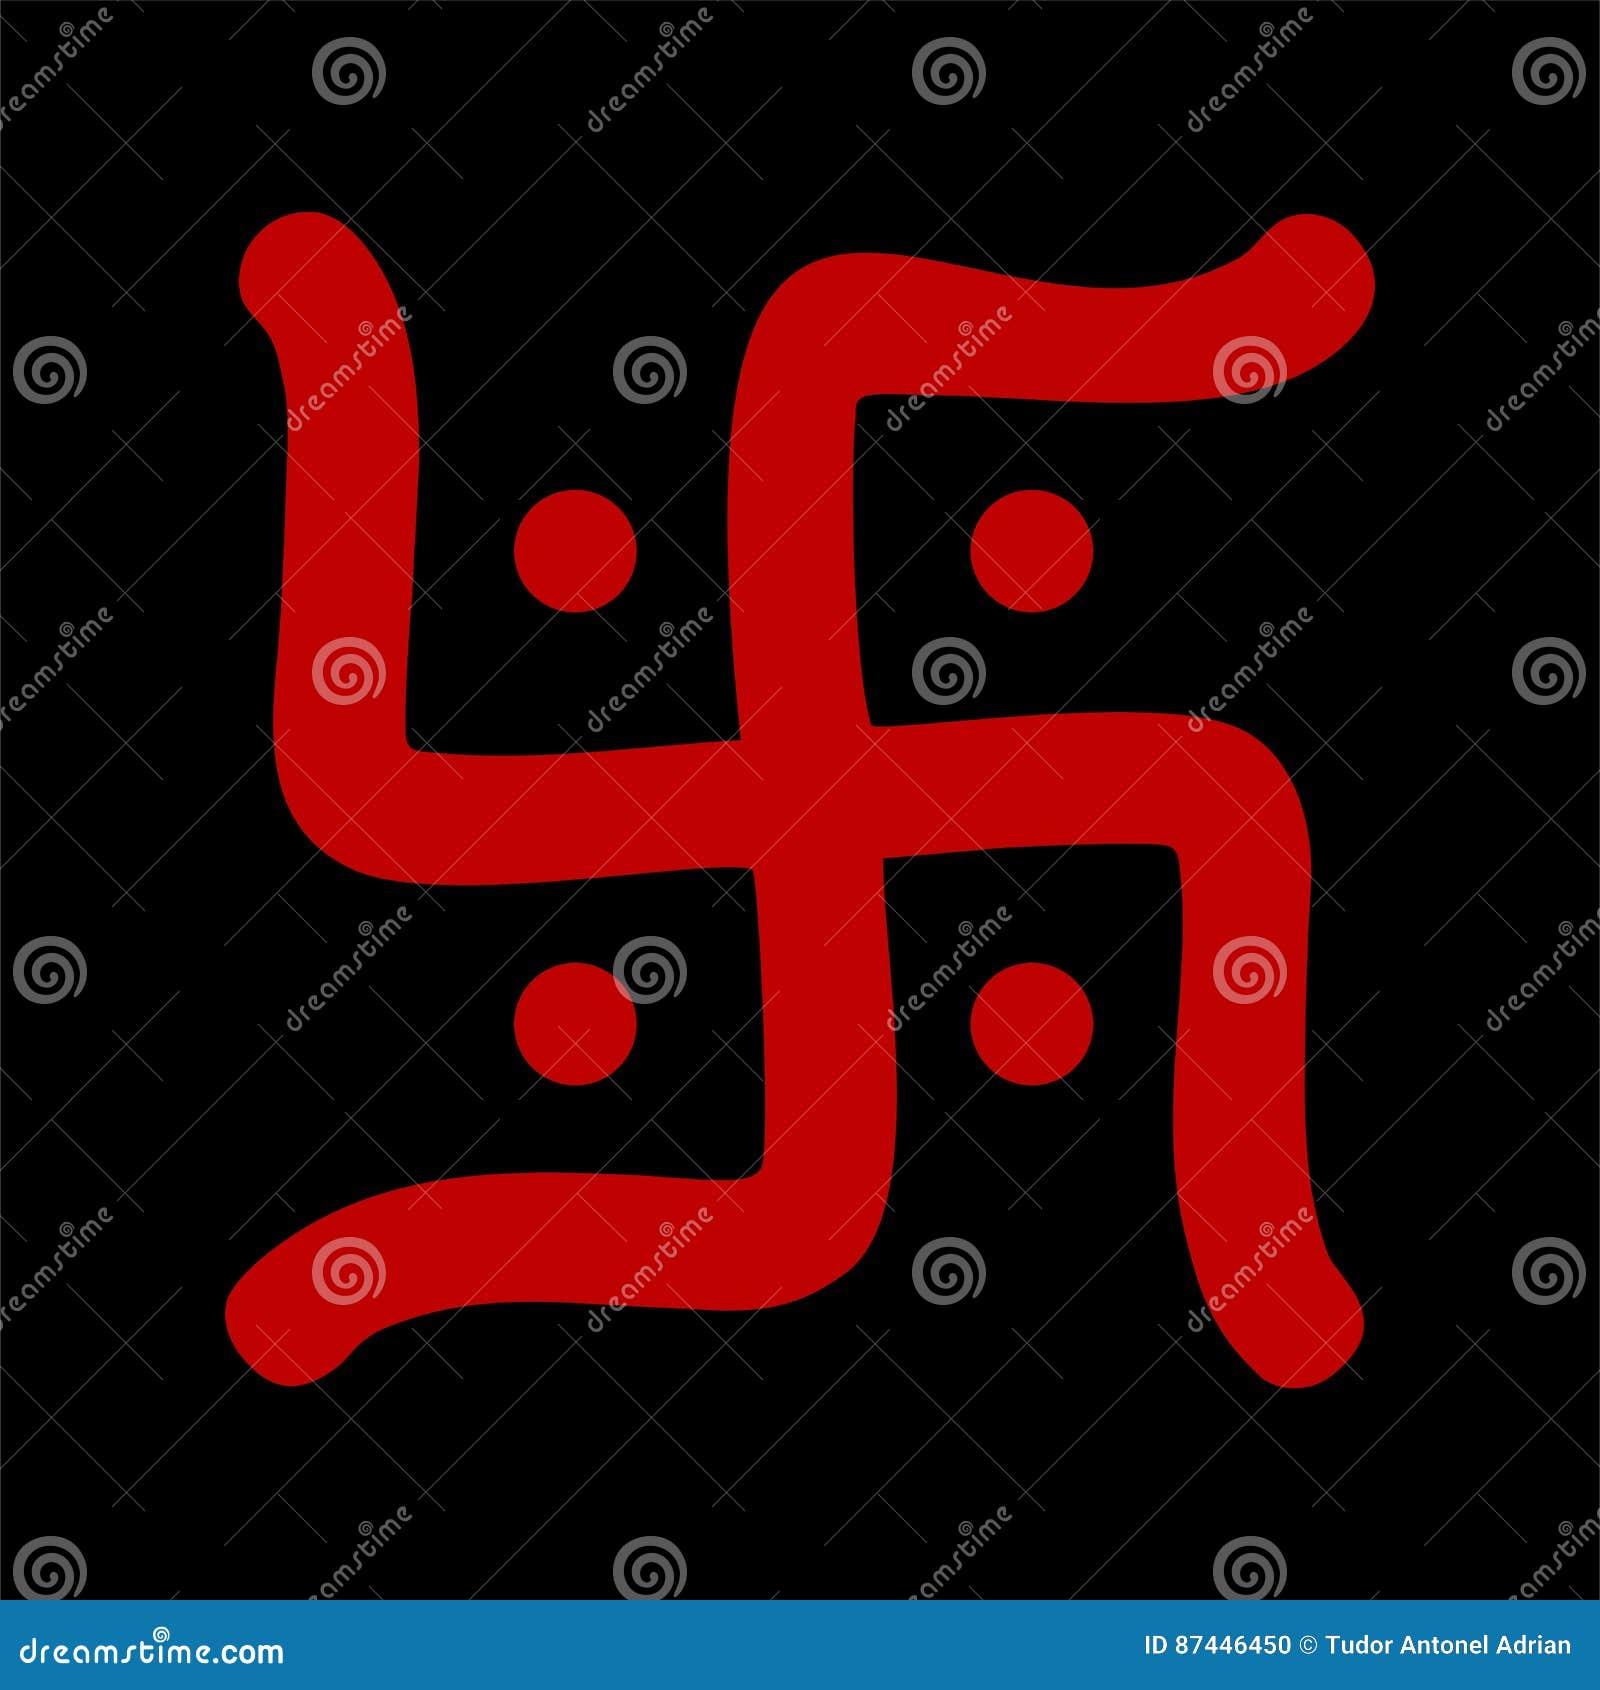 Bedeutung von Hakenkreuze in hindi